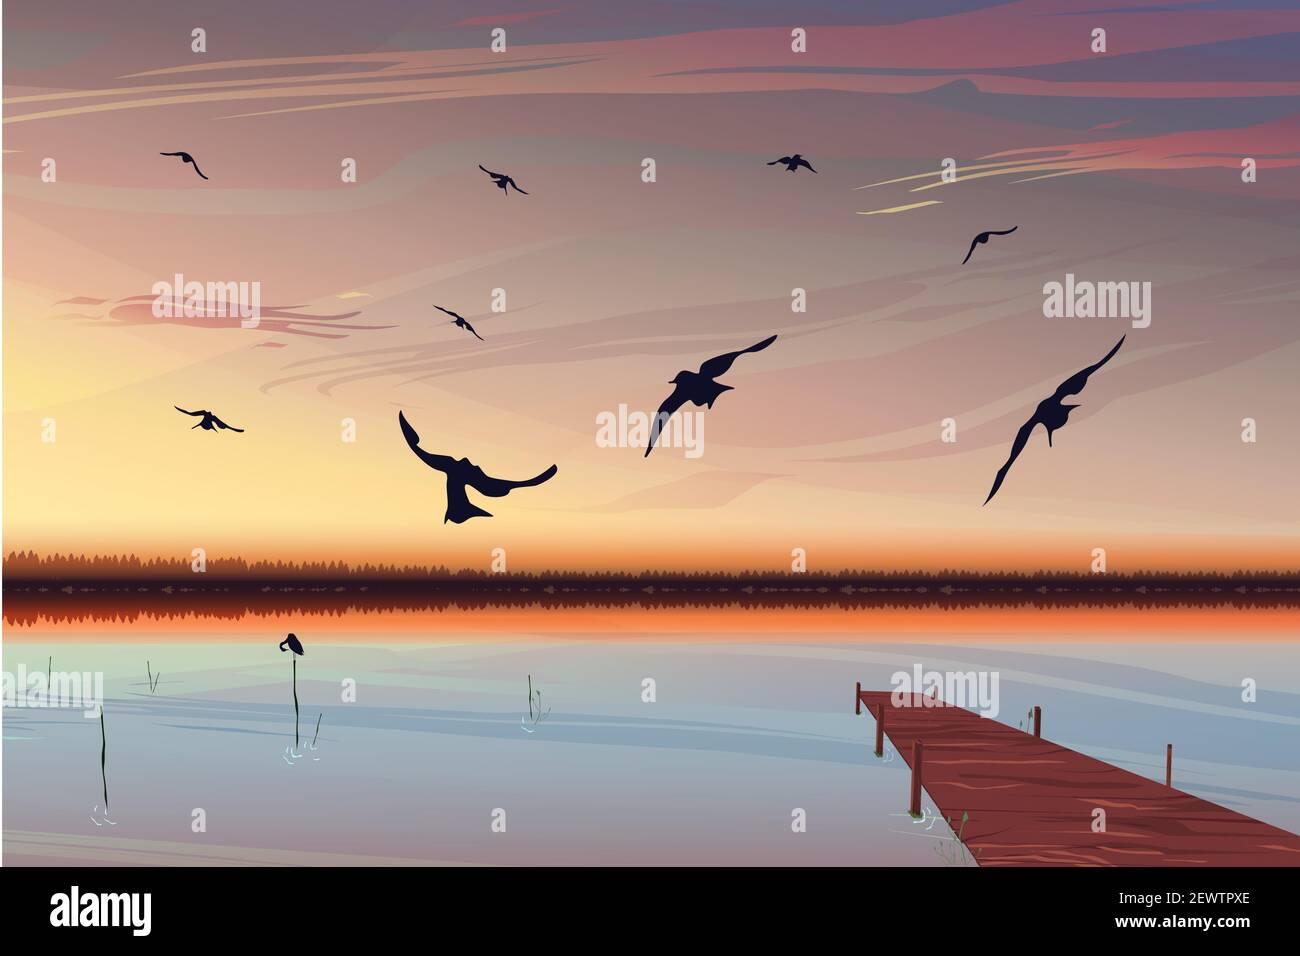 Puesta de sol realista sobre el lago con un muelle en el fondo. Las aves vuelan en primer plano. Hermoso amanecer con un cálido cielo amarillo-rosa. Tapa de tierra Ilustración del Vector